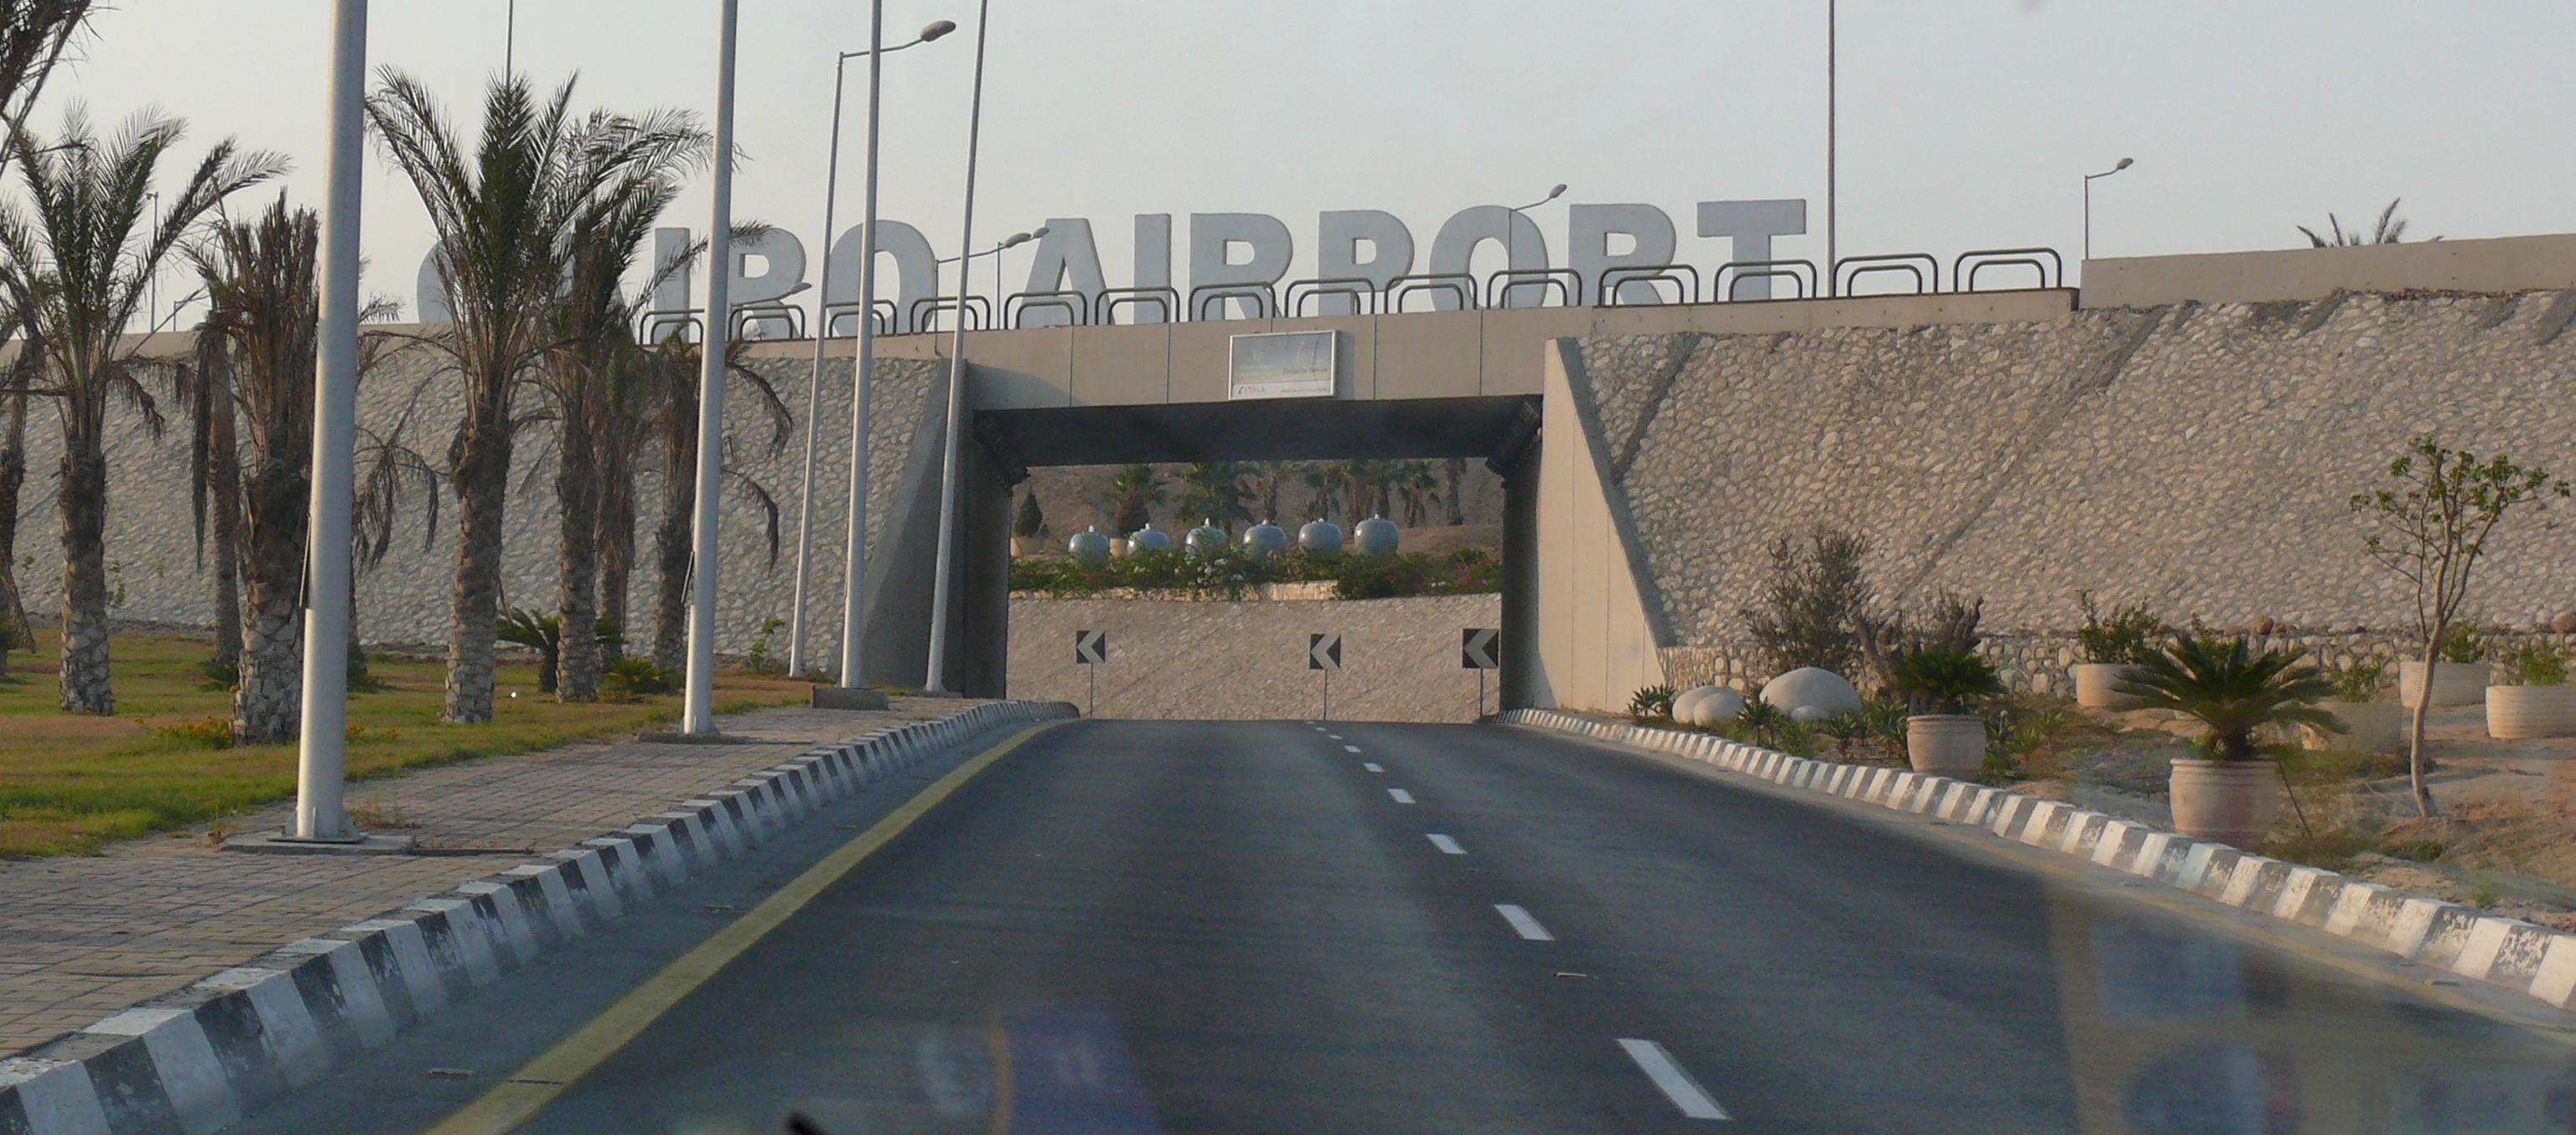 Cairo International Airport Hotel